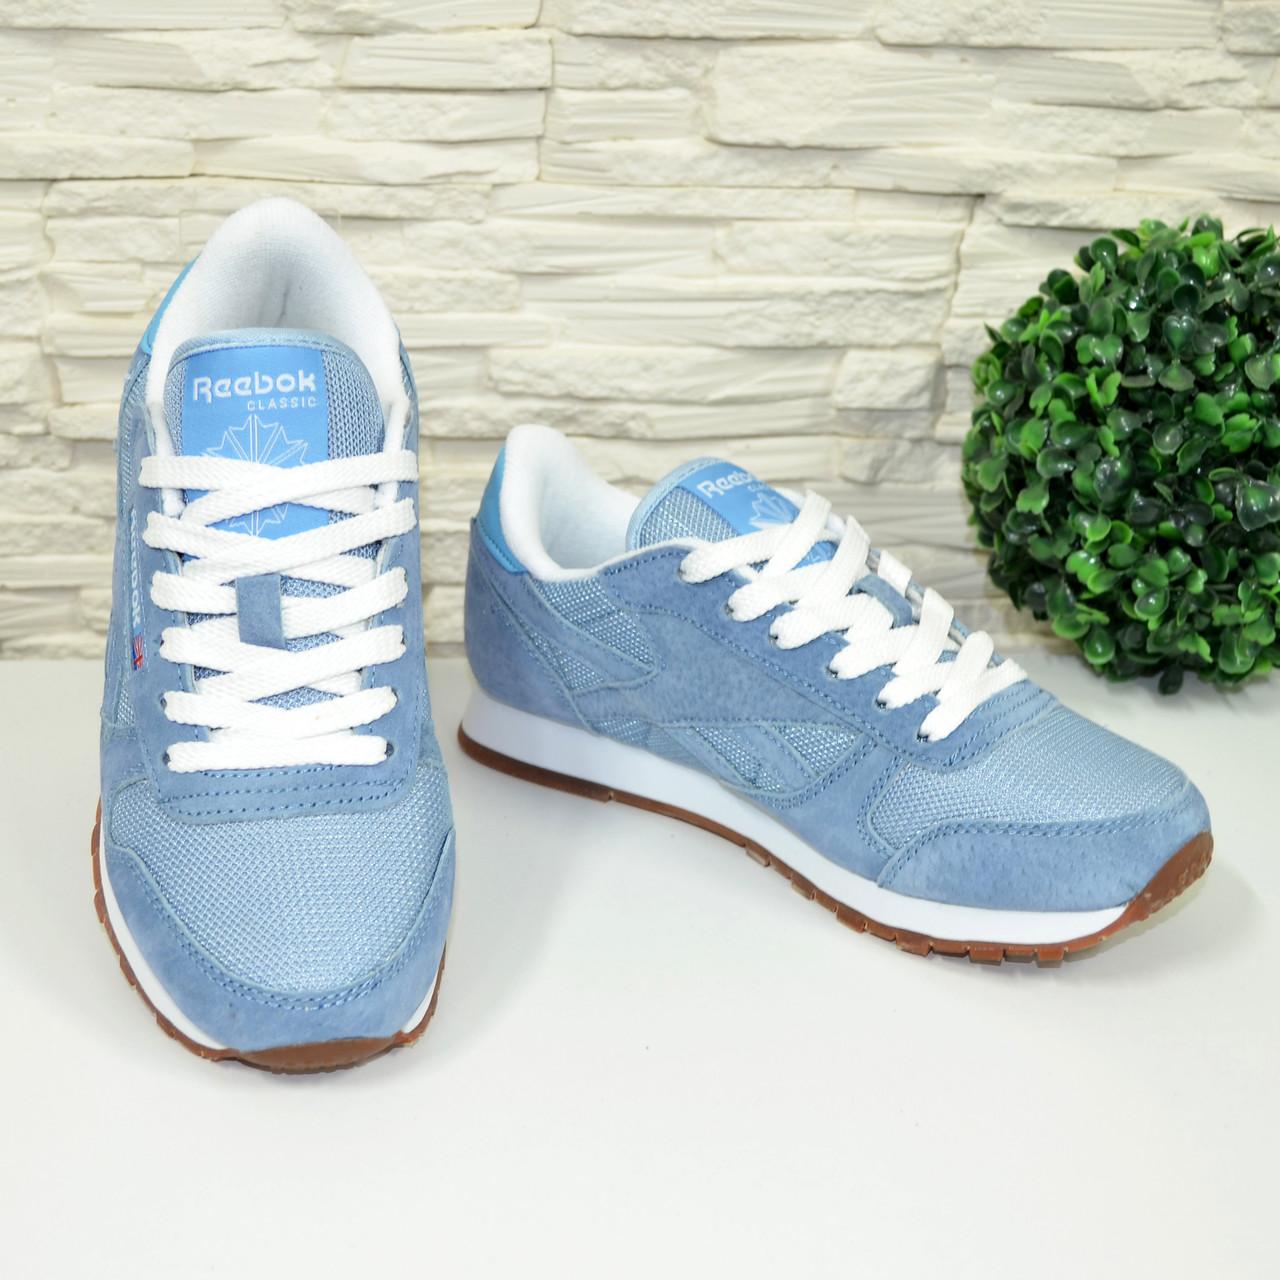 Стильные женские кроссовки на шнуровке, цвет голубой. В наличии 37 размер